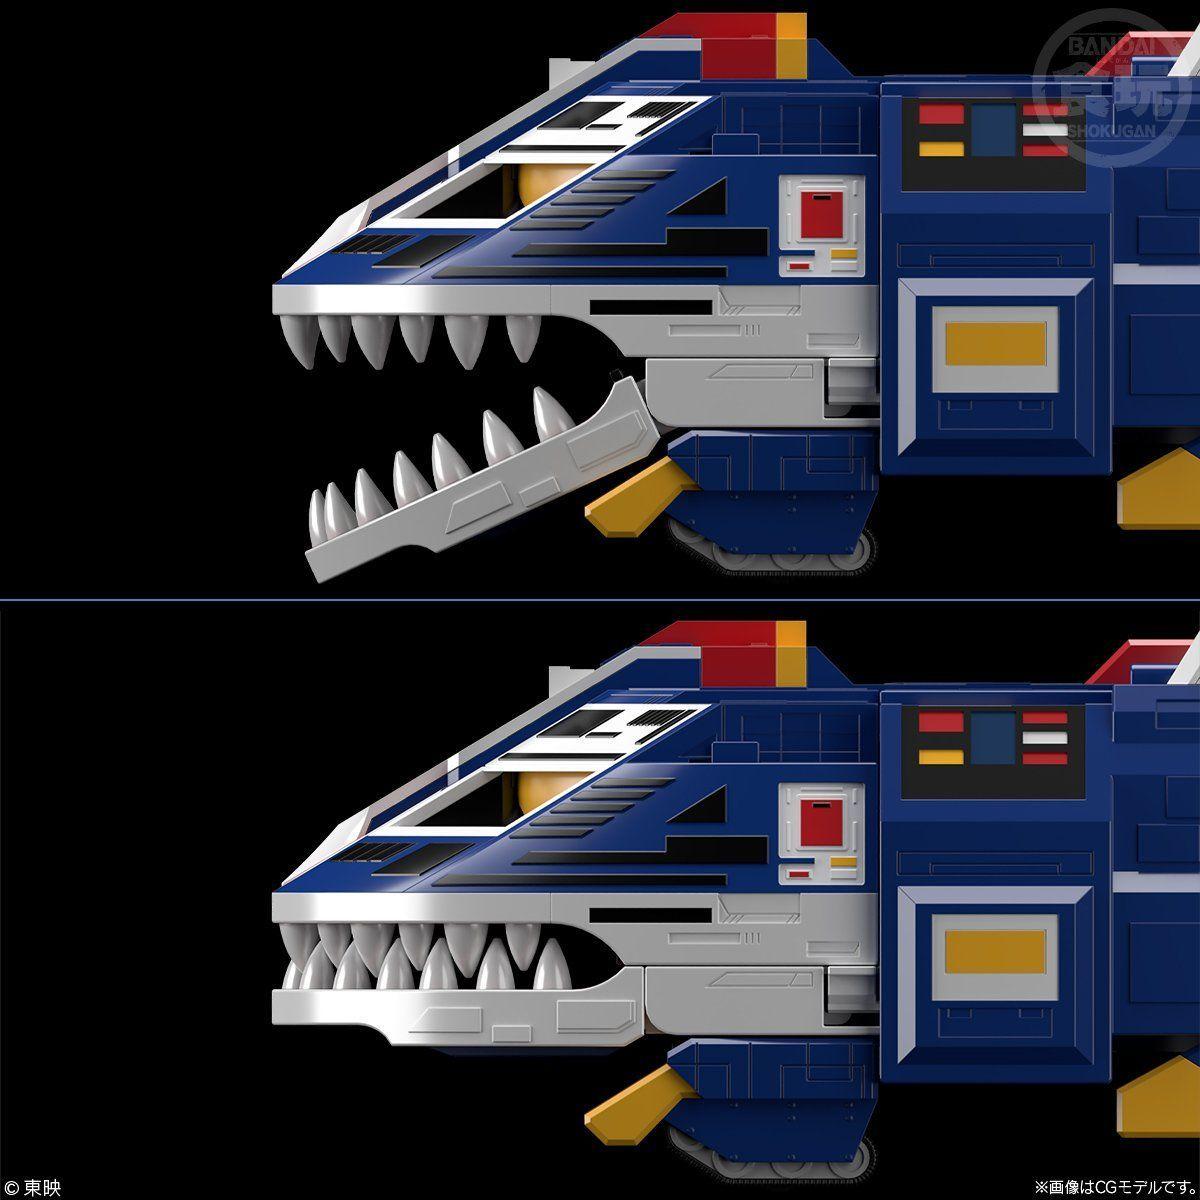 【限定販売】【食玩】スーパーミニプラ『ビッグスケール ジャガーバルカン』太陽戦隊サンバルカン プラモデル-003